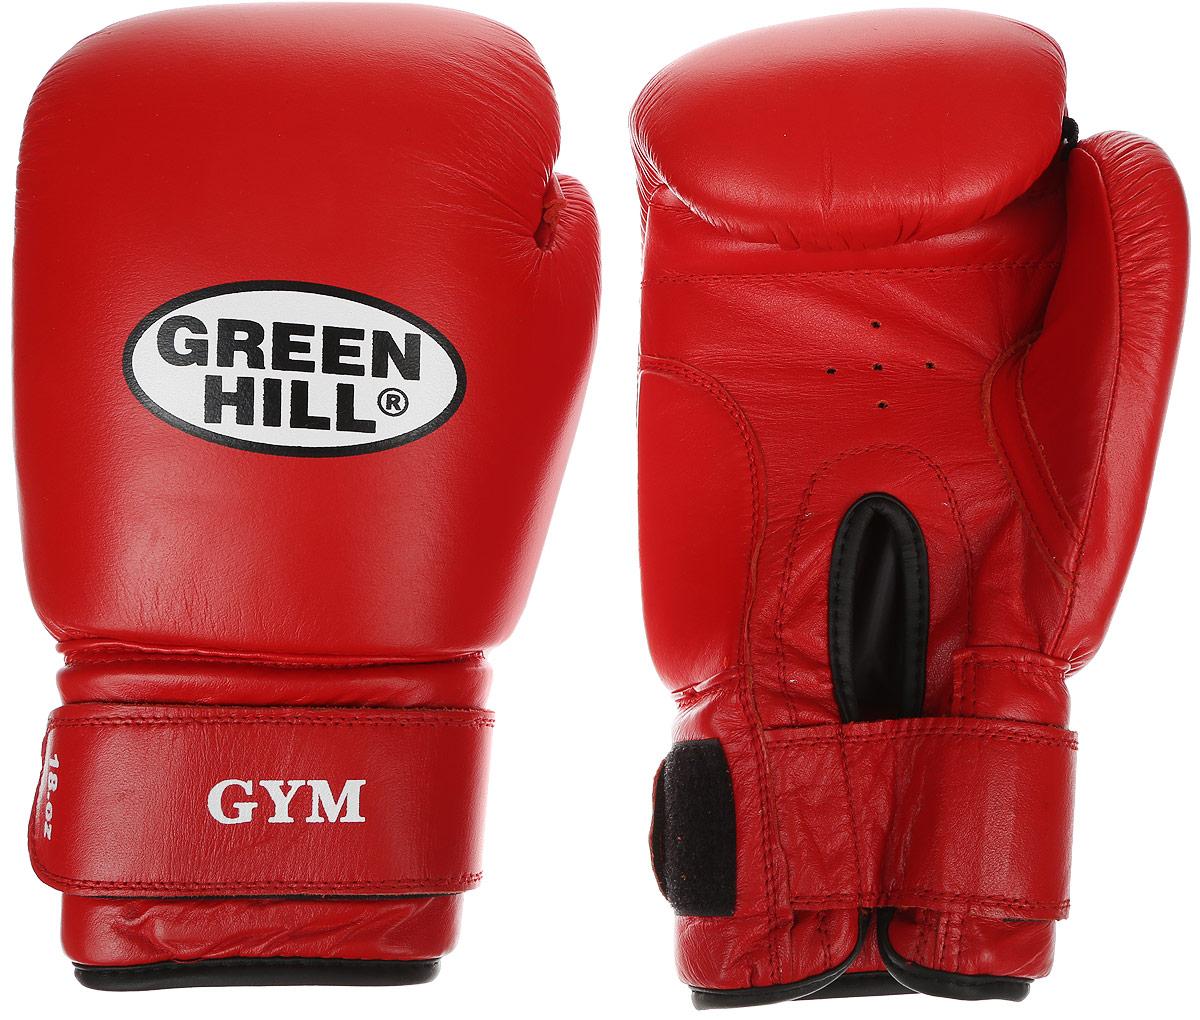 Перчатки боксерские Green Hill Gym, цвет: красный, белый. Вес 18 унцийBB1637Боксерские перчатки Green Hill Gym подходят для всех видов единоборств где применяют перчатки. Подойдет как для бокса, так и для кикбоксинга. Новички и профессионалы высоко ценят эту модель за универсальность. Верхняя часть перчатки выполнена из натуральной кожи, наполнитель - пенополиуретан. Перфорированная поверхность в области ладони позволяет создать максимально комфортный терморежим во время занятий. Закрепляется на руке при помощи липучки.